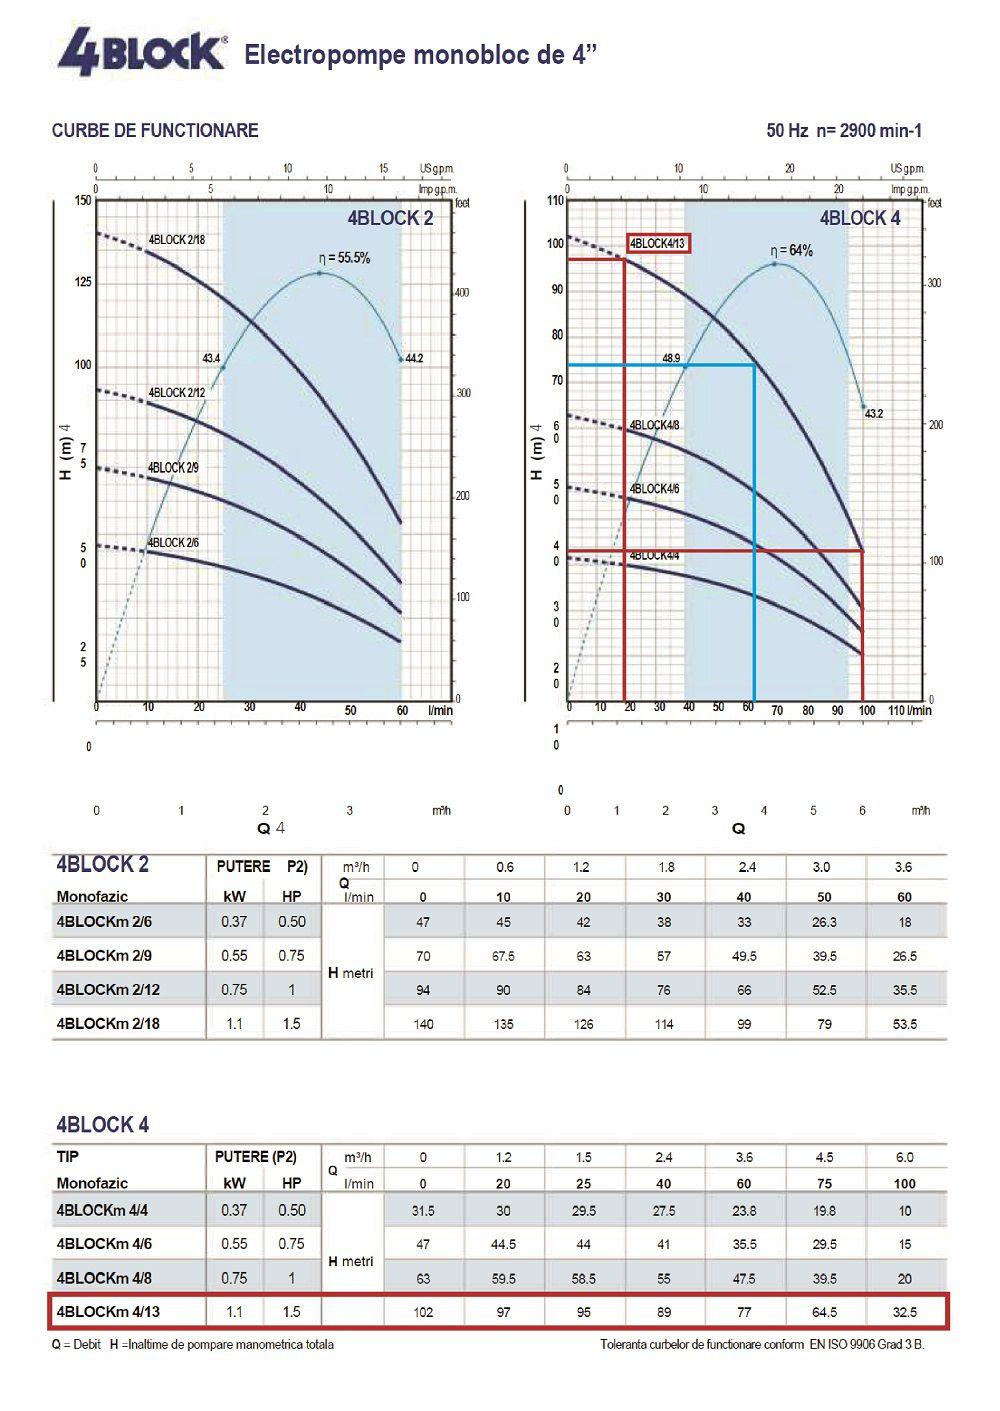 Curba functionare H/Q pentru pompa submersibila Pedrollo 4blockm 4-13